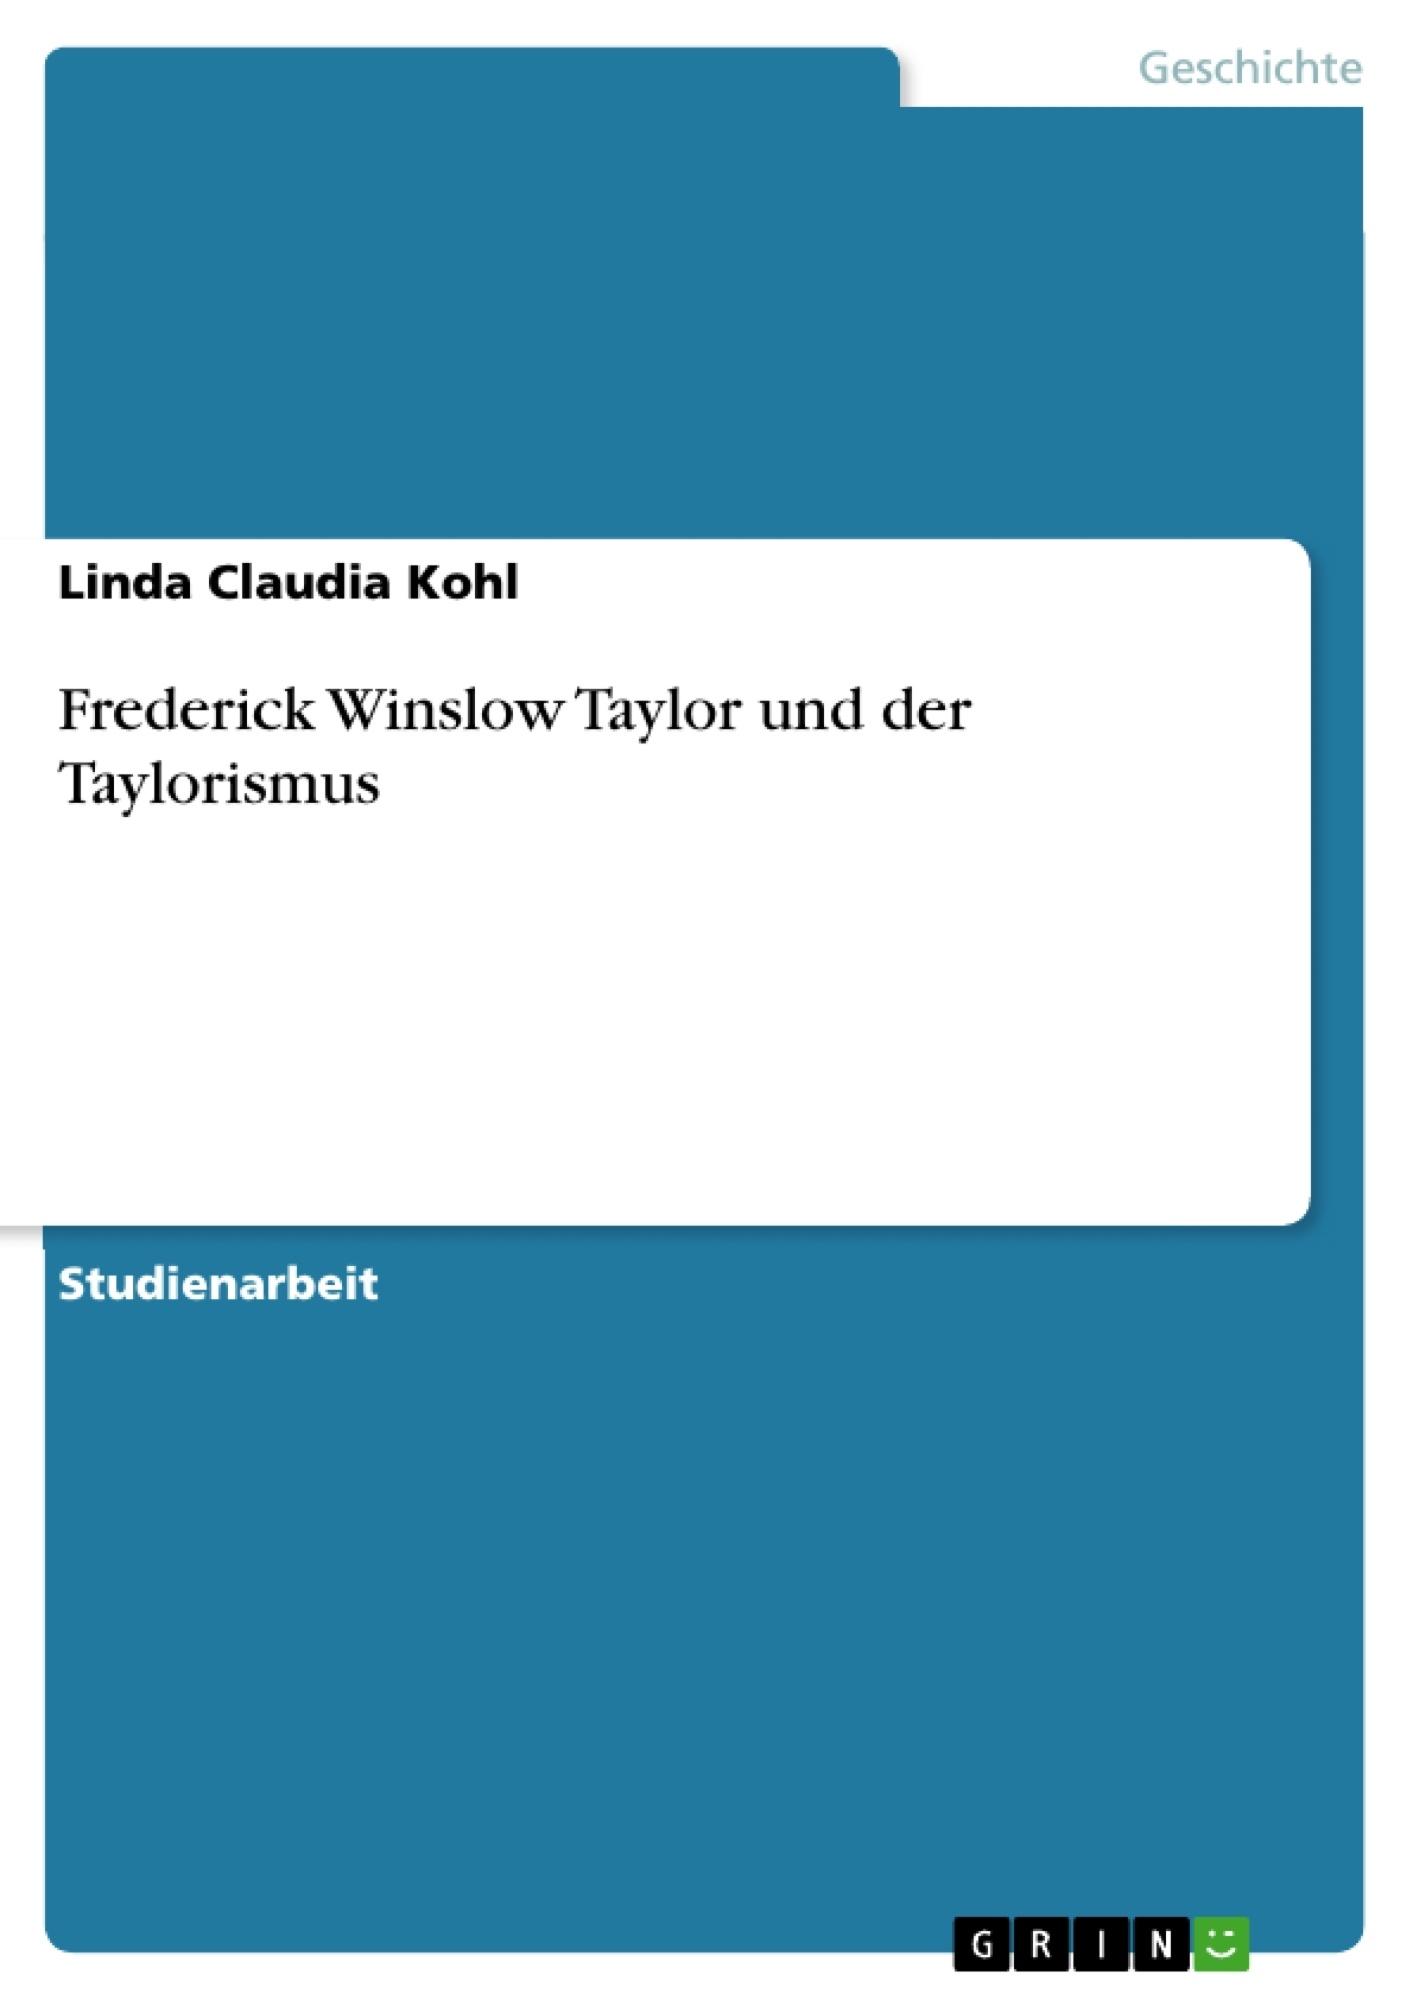 Titel: Frederick Winslow Taylor und der Taylorismus